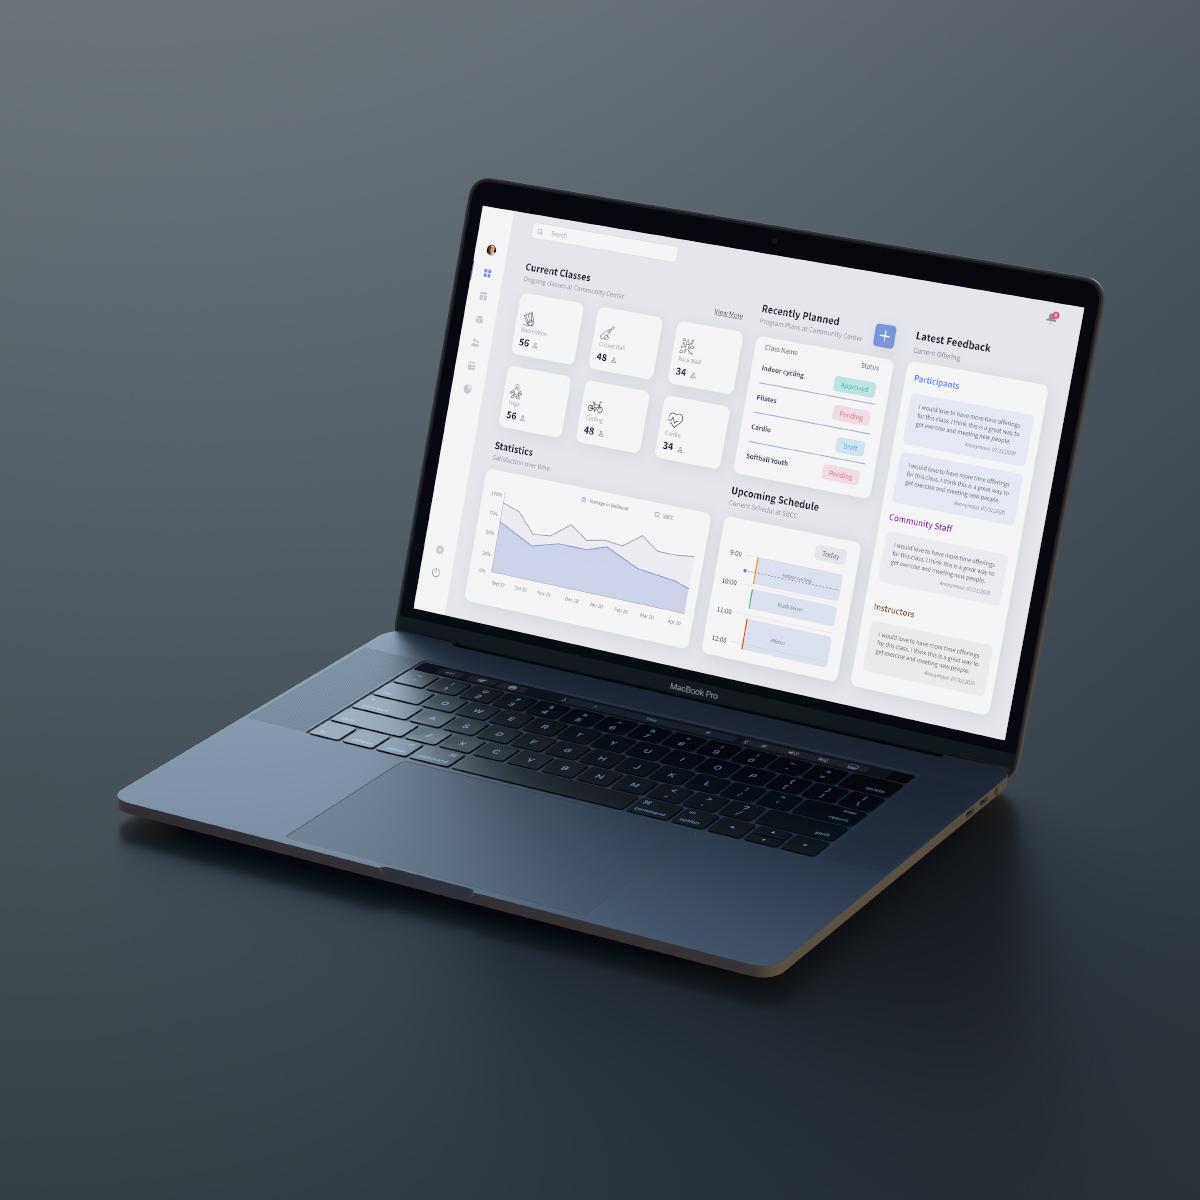 MacBookPro_dashboard